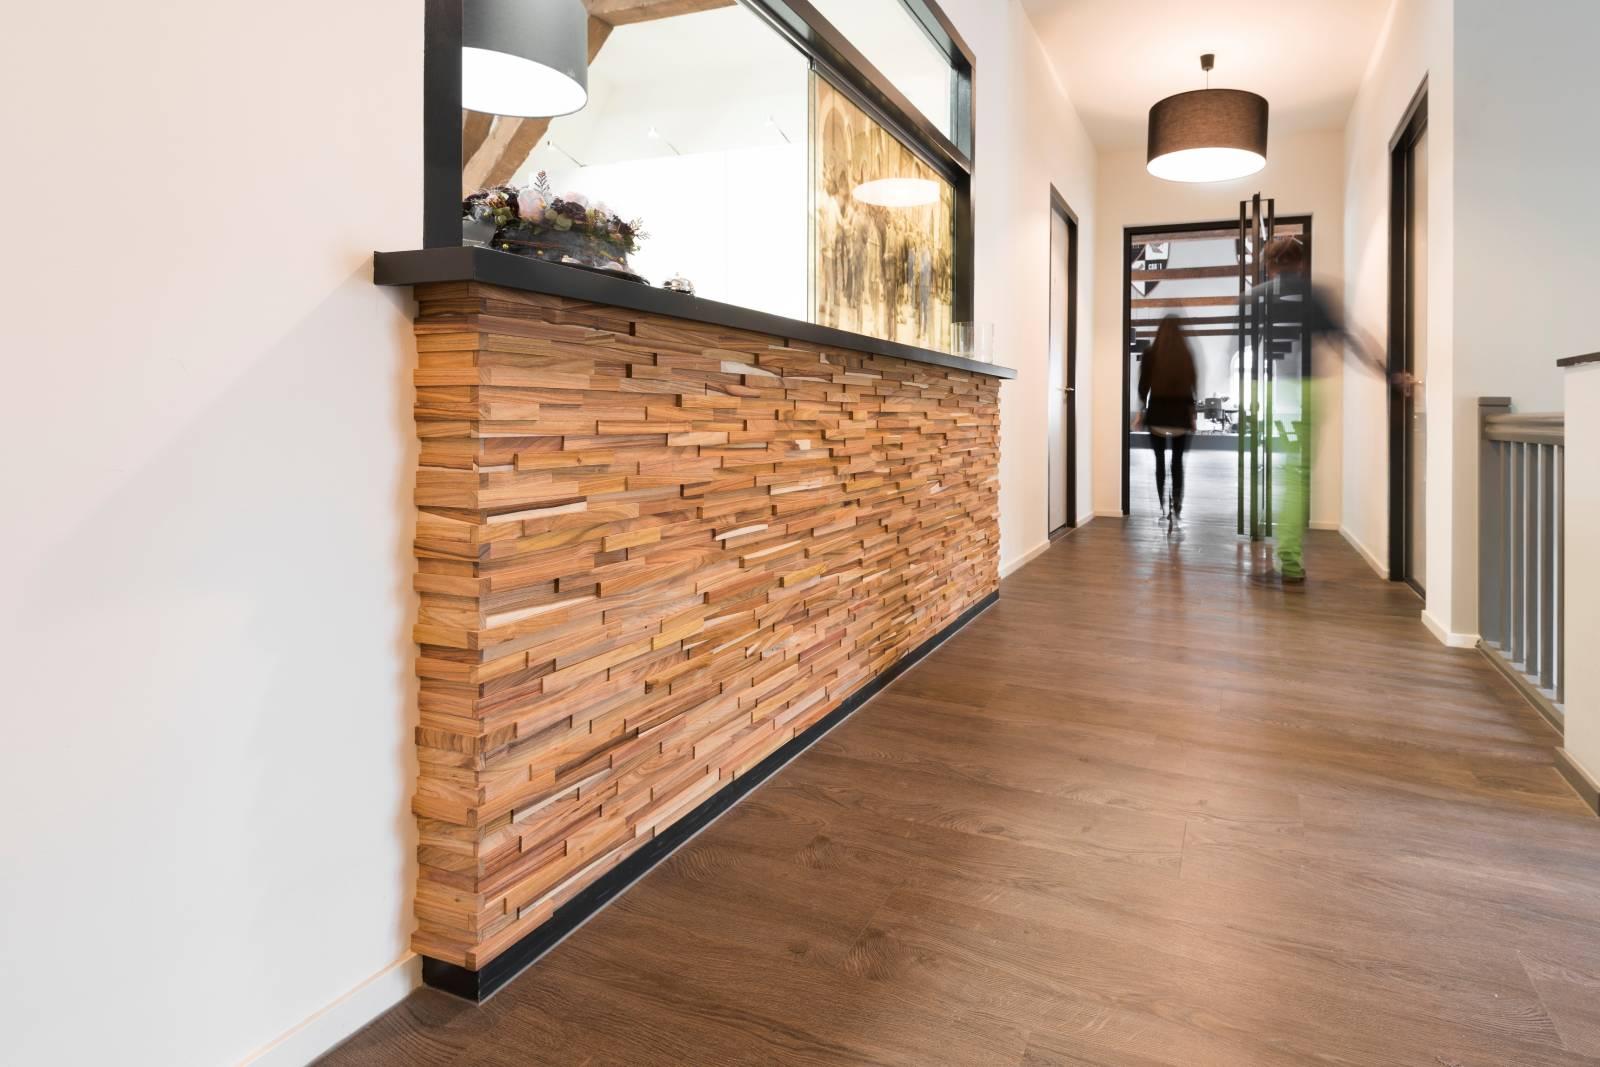 habillage mural en panneau relief 3d vente de bois exotiques en gironde. Black Bedroom Furniture Sets. Home Design Ideas